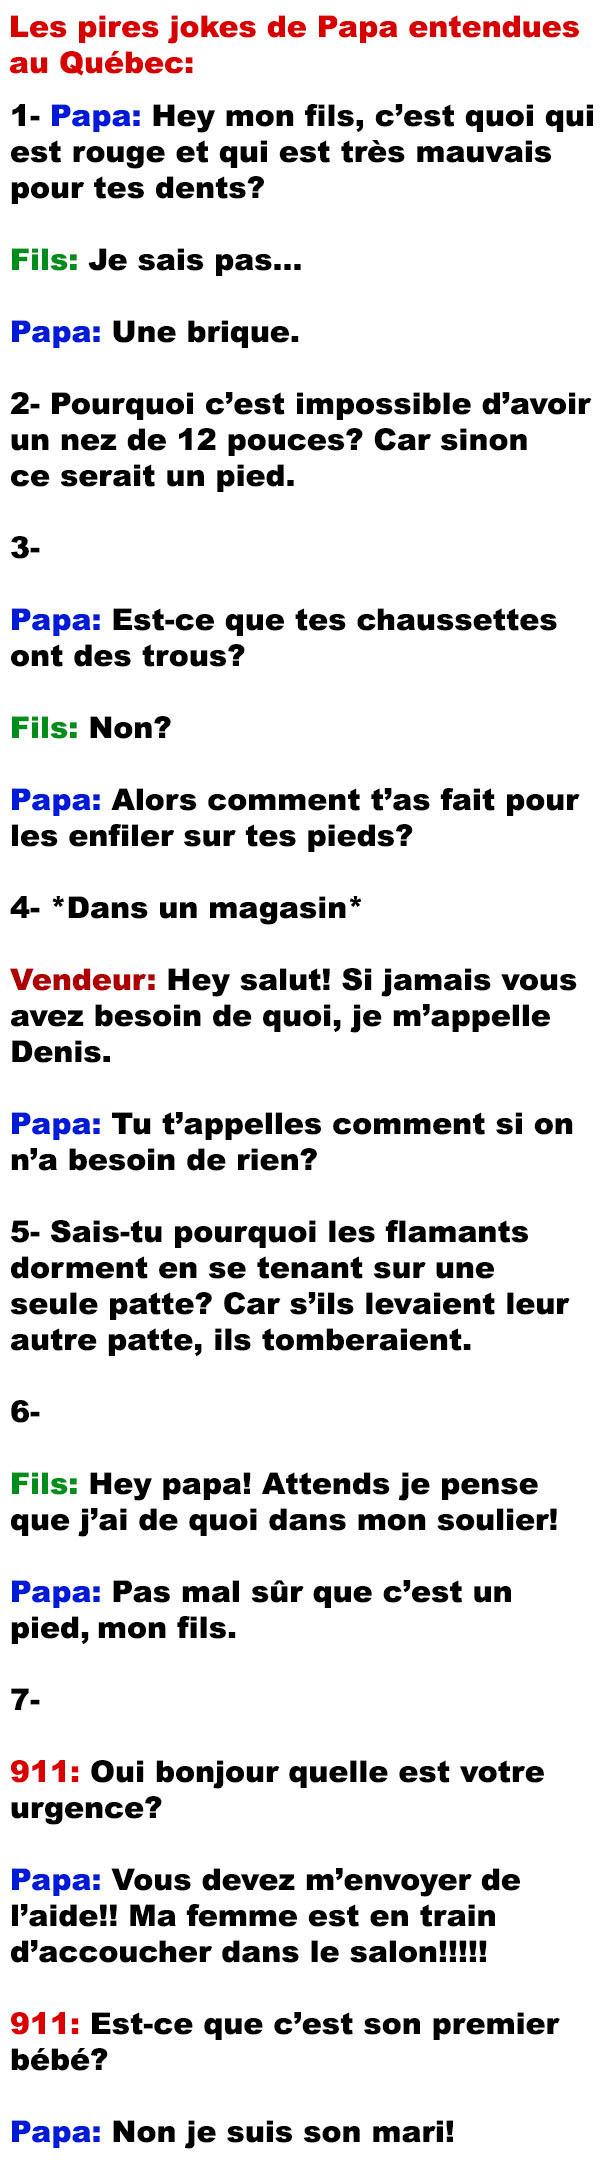 Joke De Papa Liste Blague : liste, blague, Pires, Jokes, Entendues, Québec